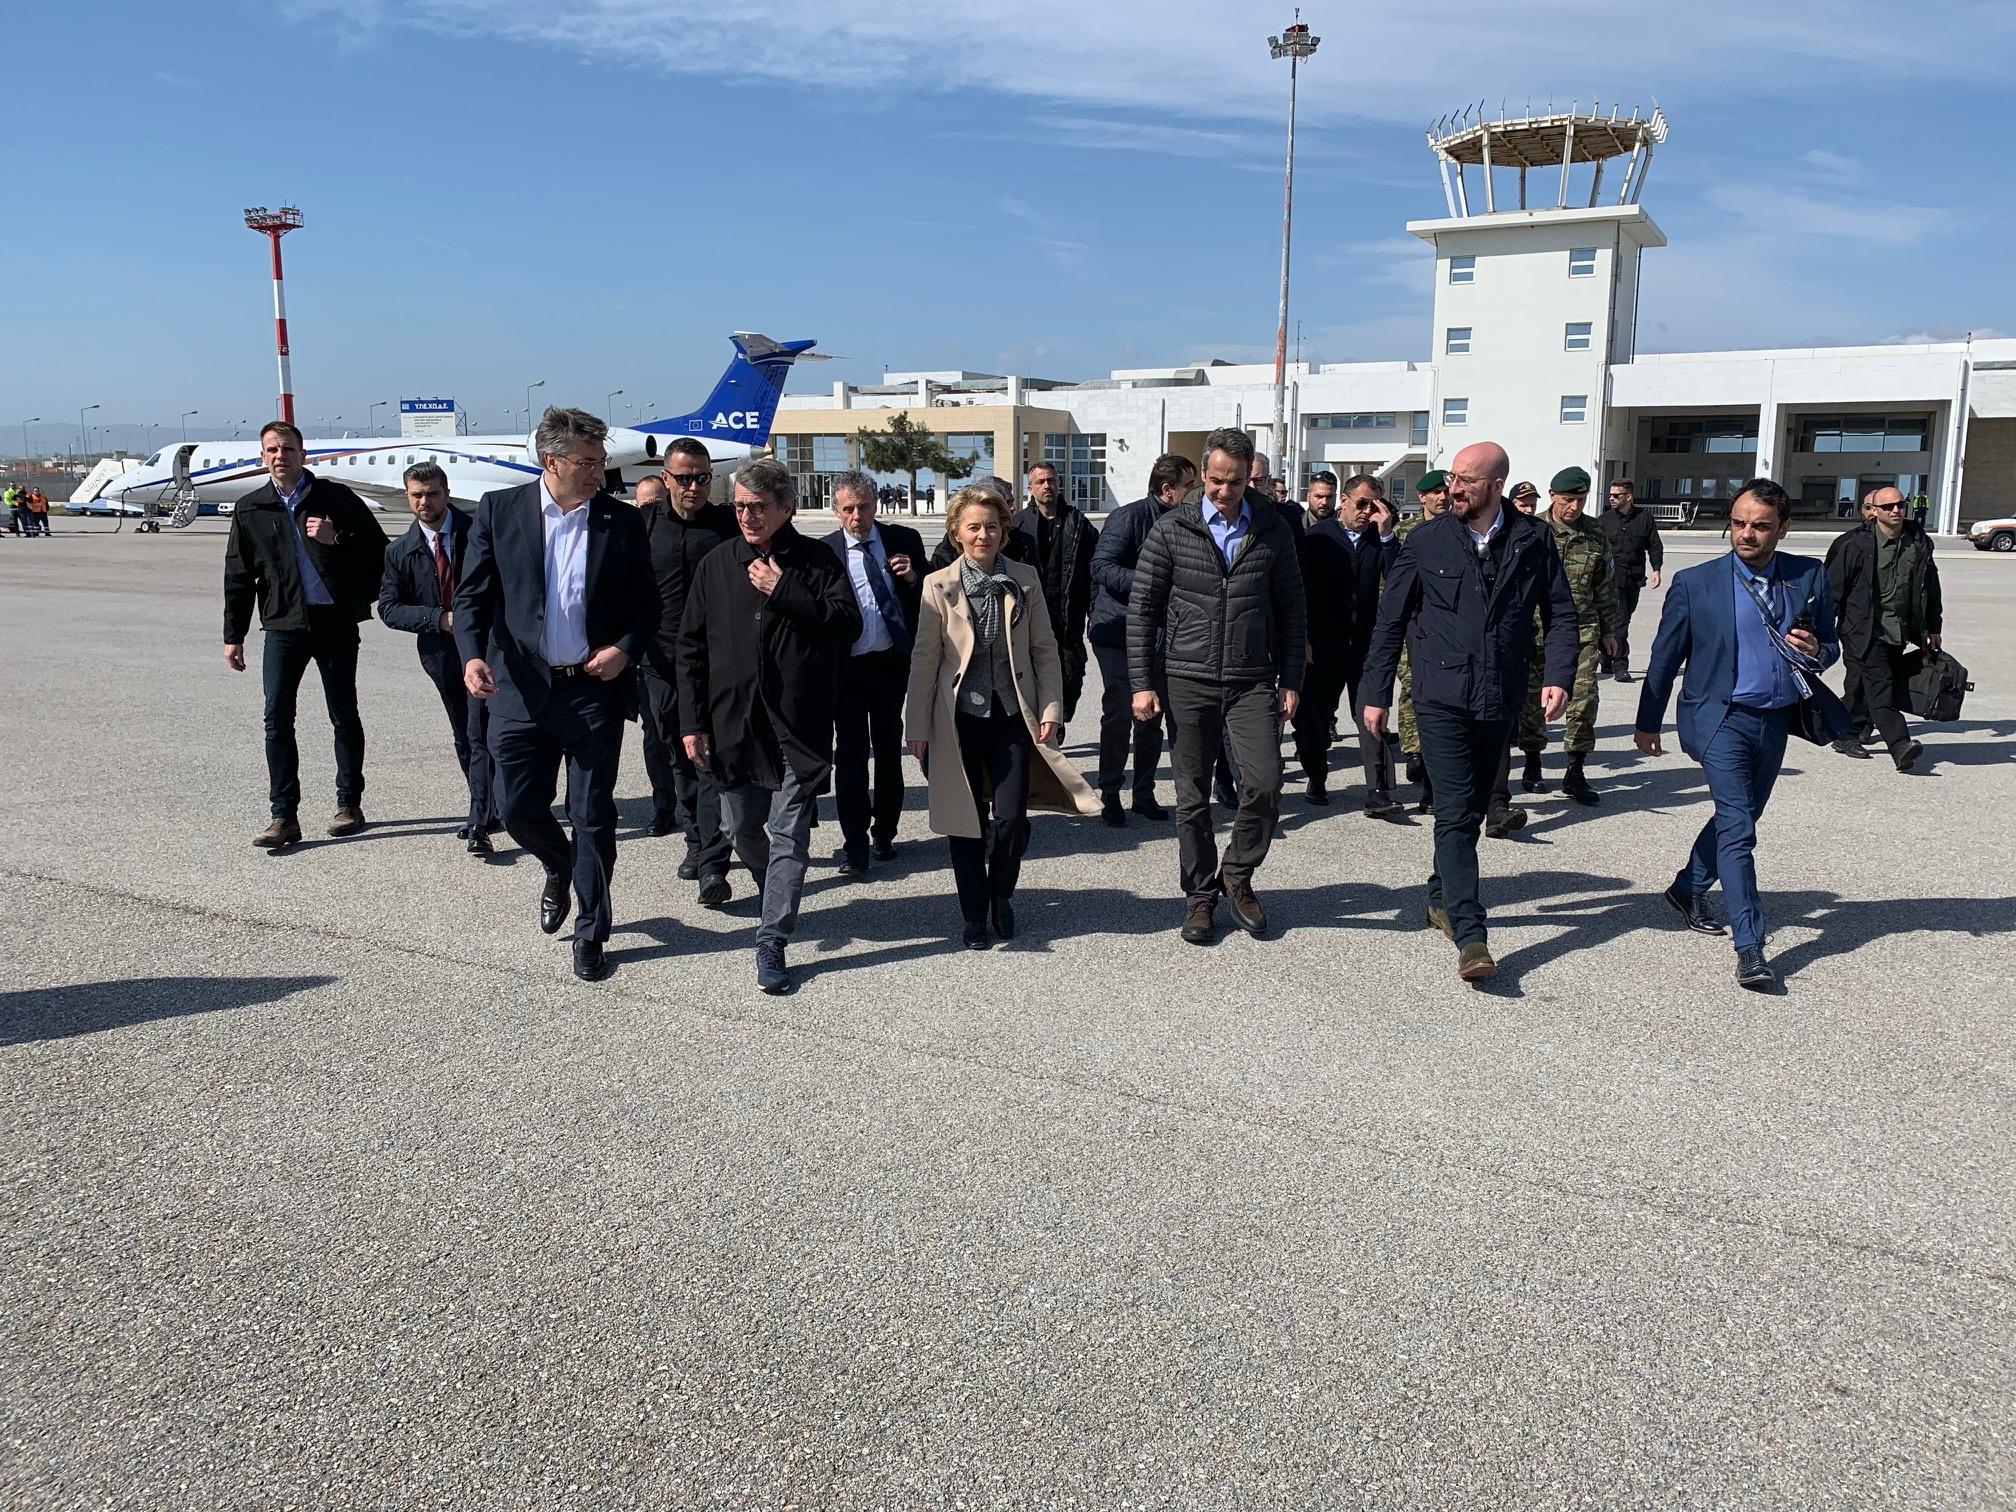 وفد الاتحاد الأوروبي يزور الحدود اليونانية التركية